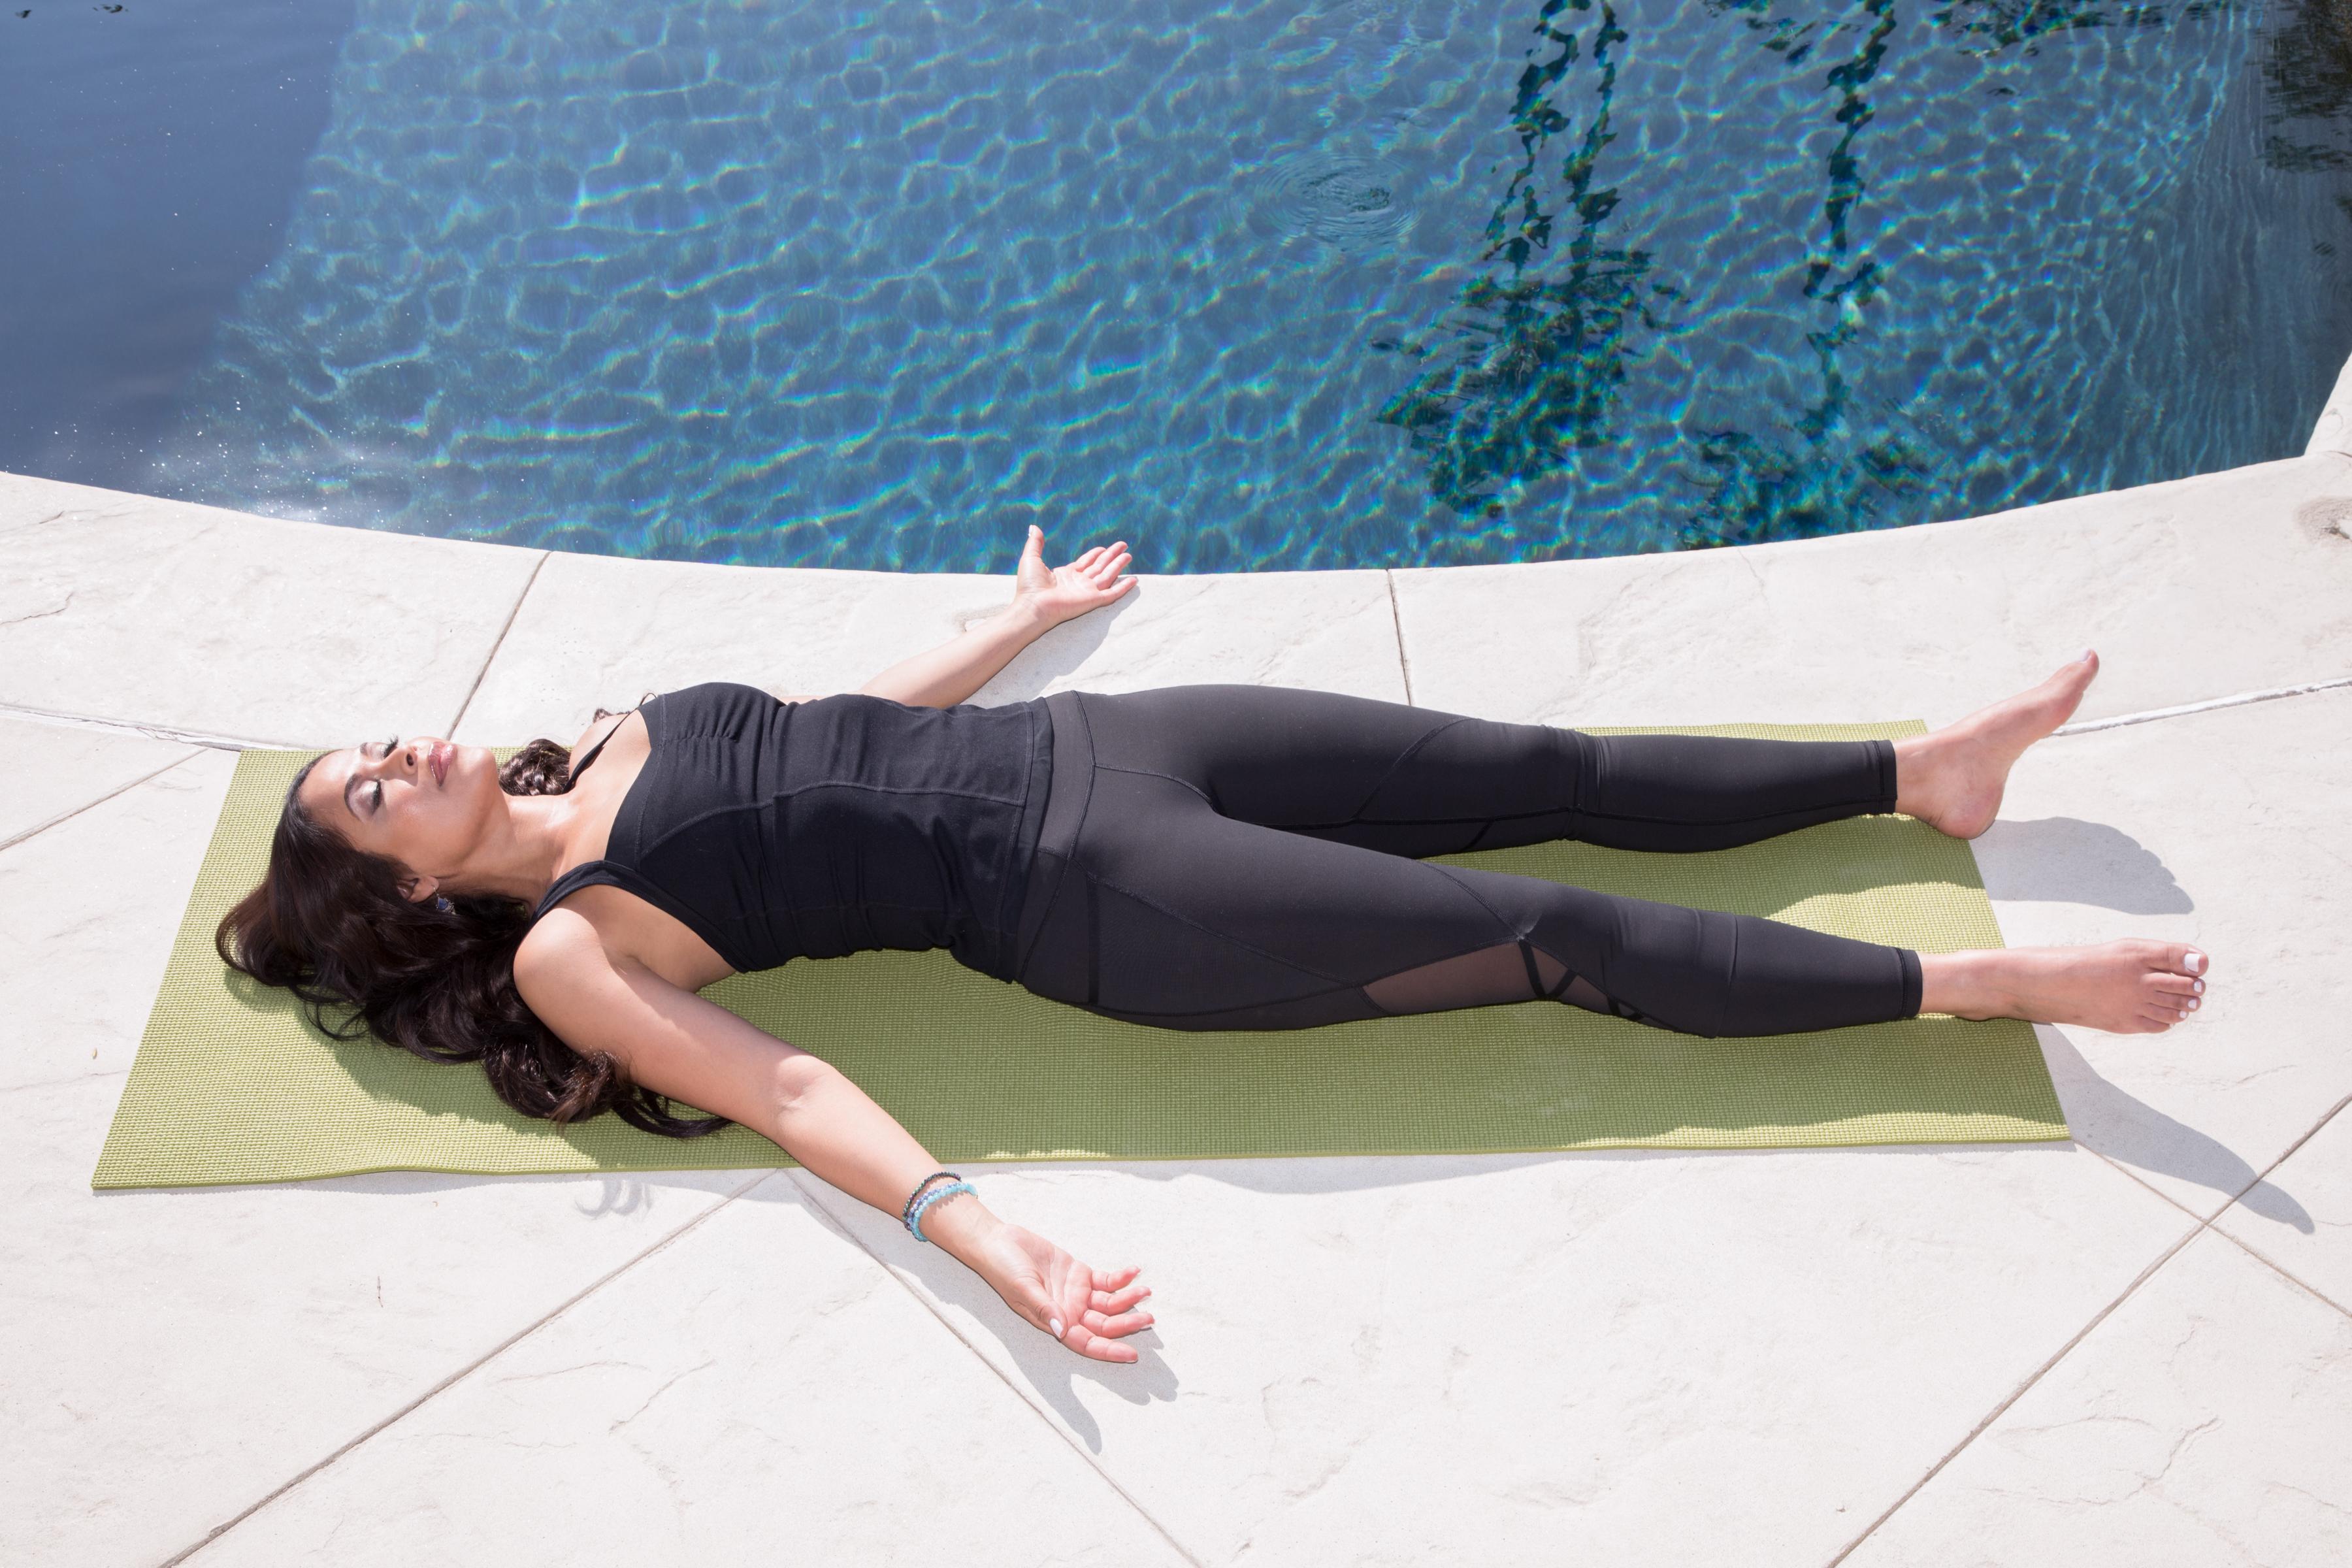 Corpse Pose Savasana Yoga For Calm And Relaxation